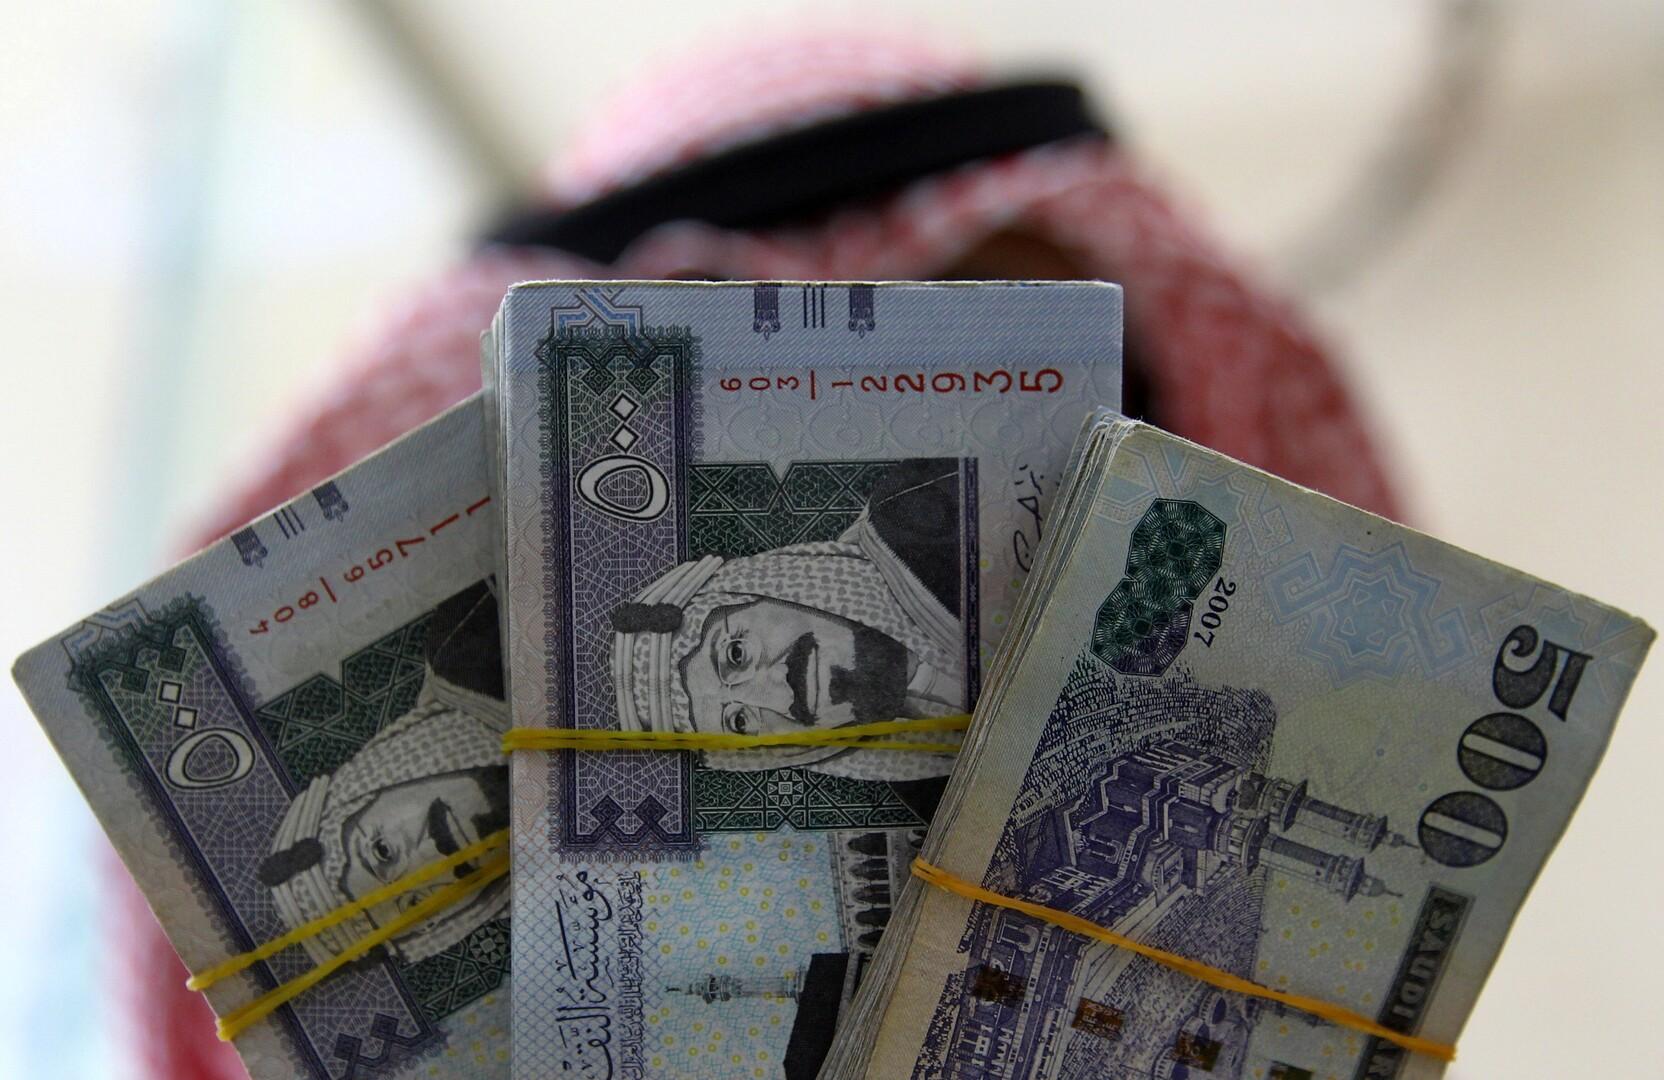 تحديات بارزة تواجه رؤية السعودية!